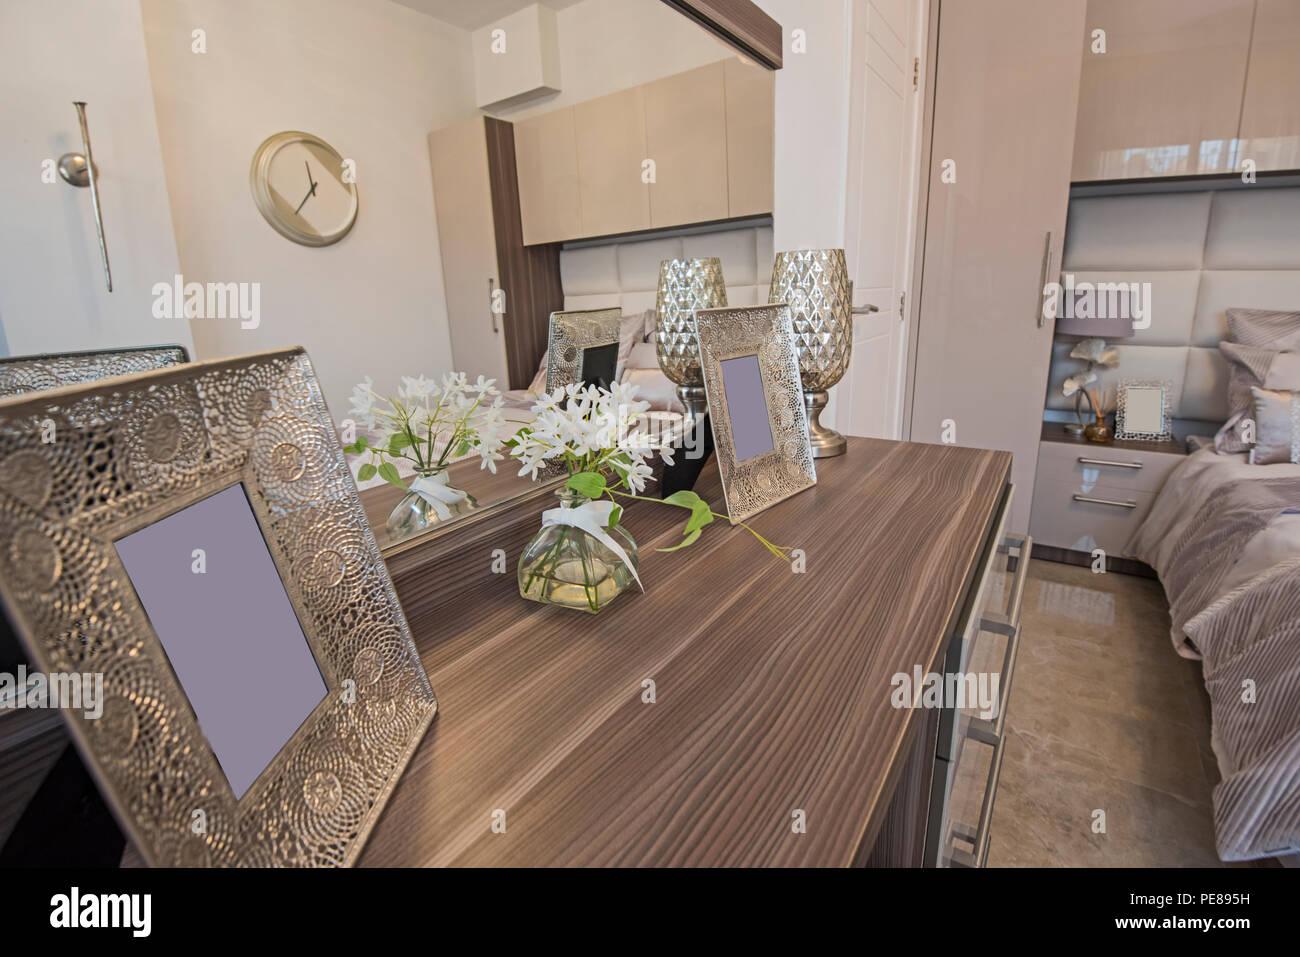 Arredare Camera Con Divano Letto : Interior design decor e arredamento di lusso show home camera con